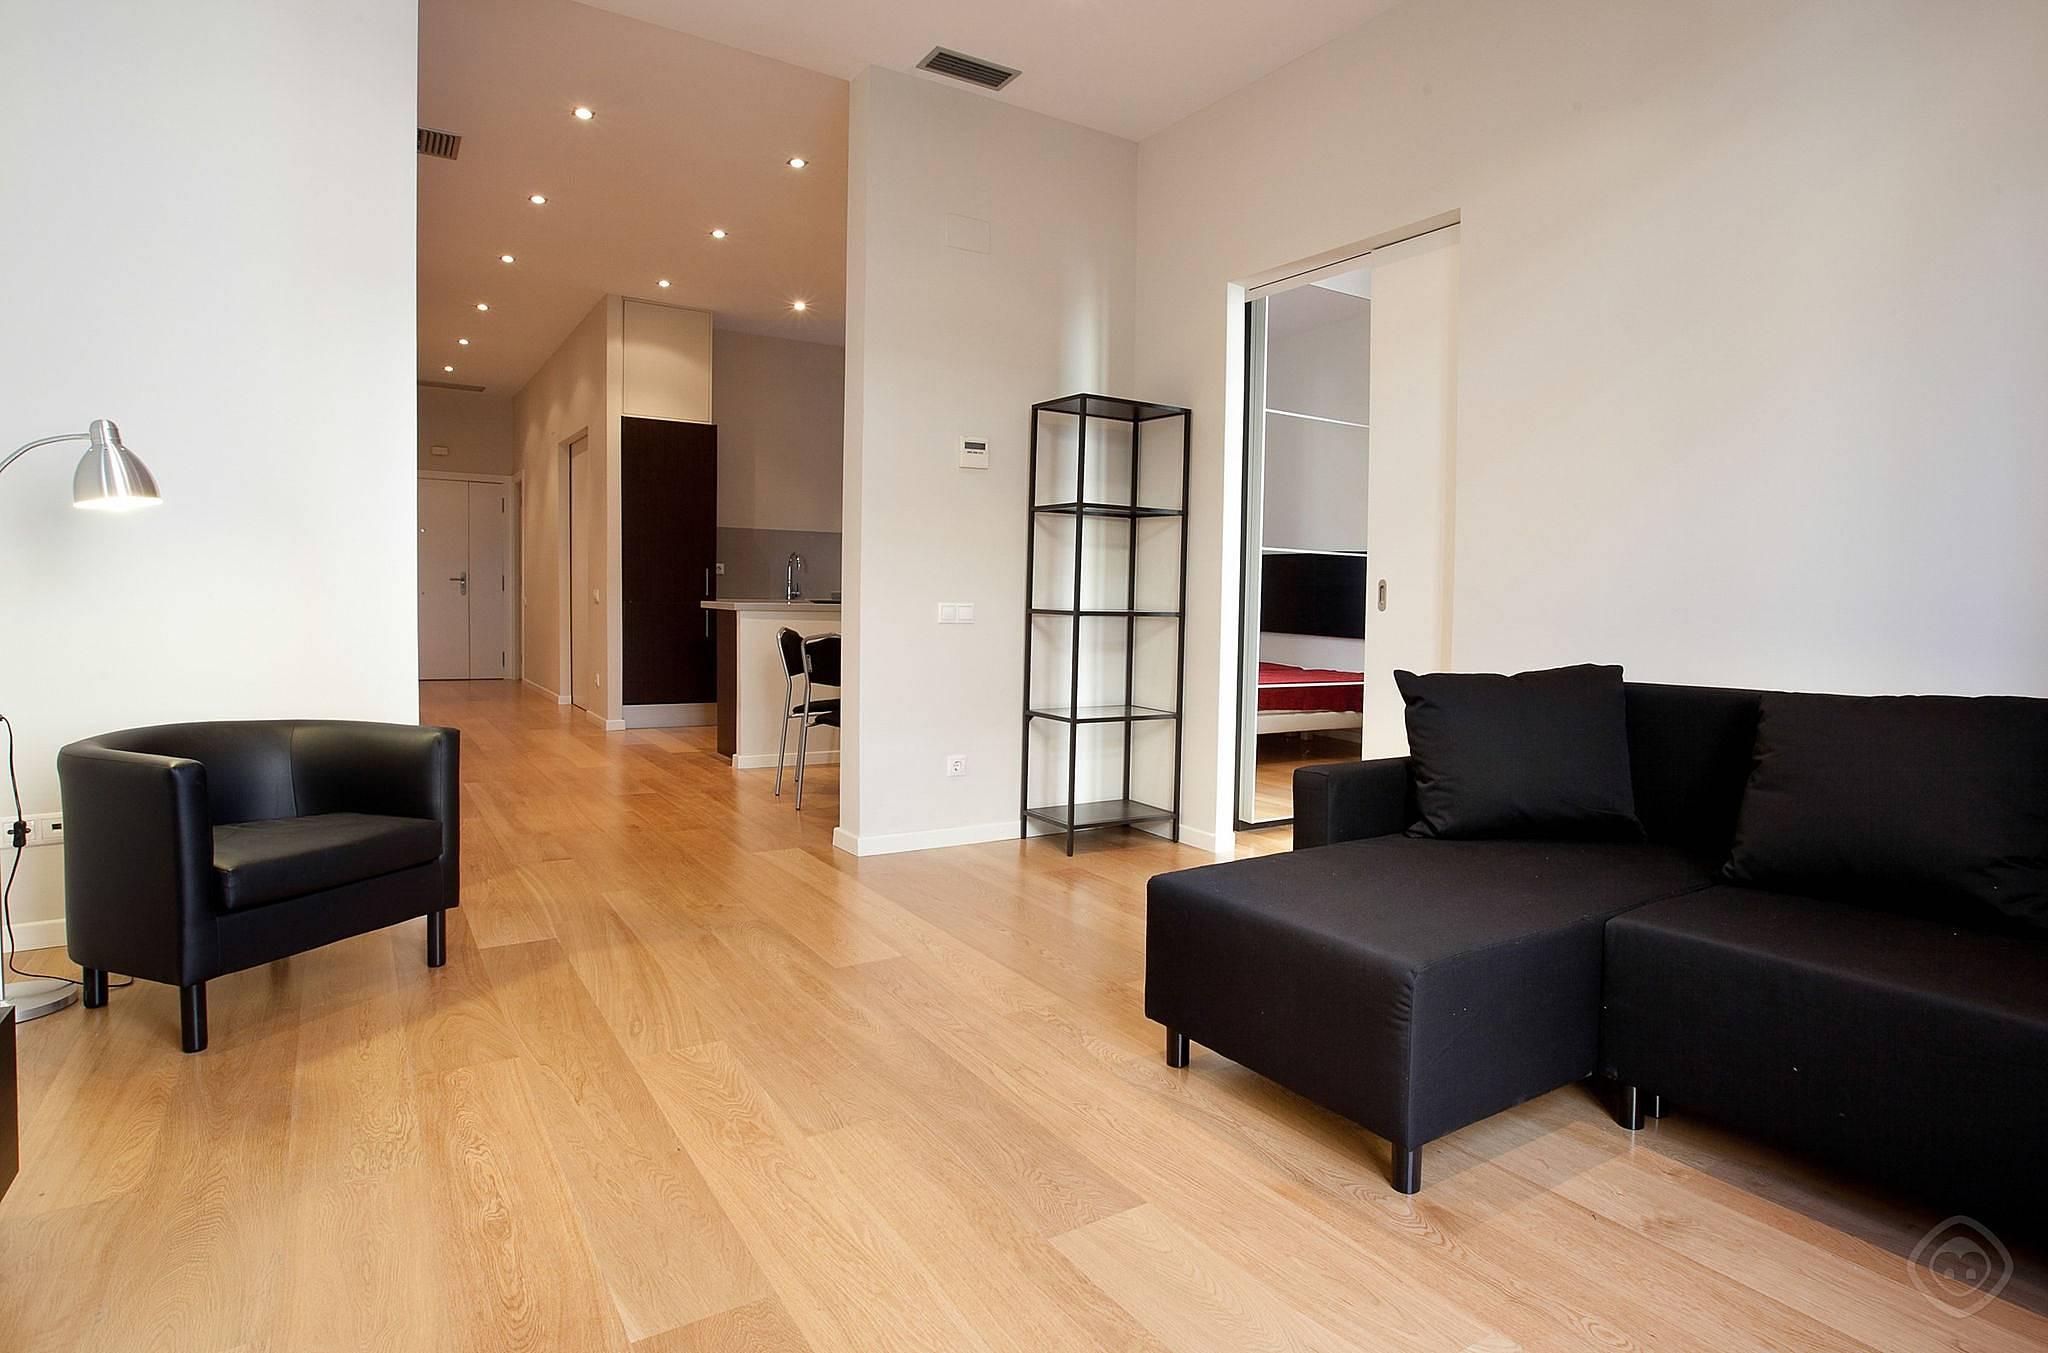 Appartamento per 4 persone nel centro di barcellona for Alloggi a barcellona